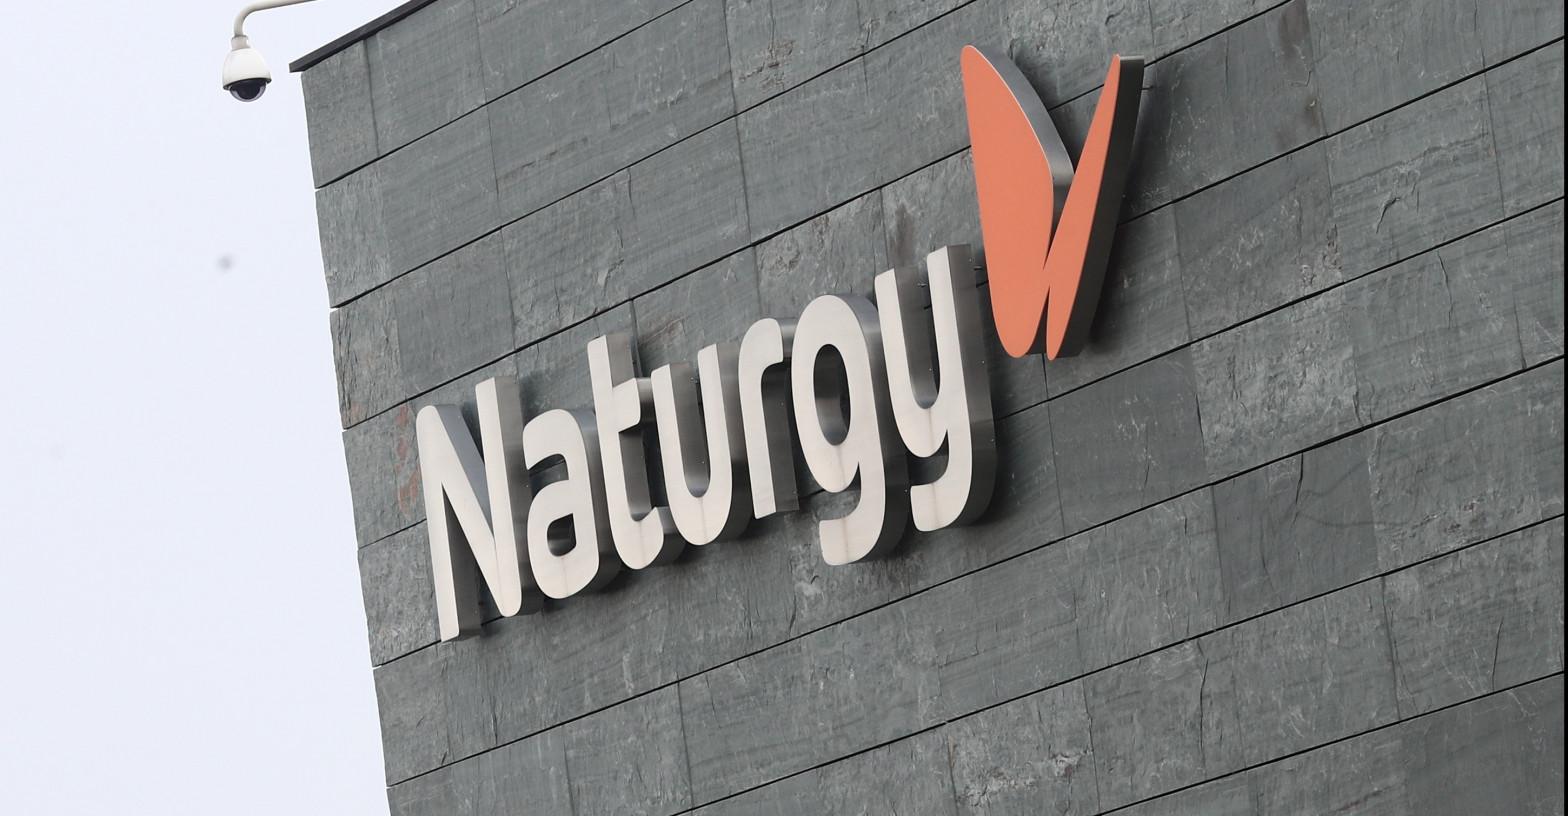 Oficina de Naturgy ubicada en la capital, Madrid.